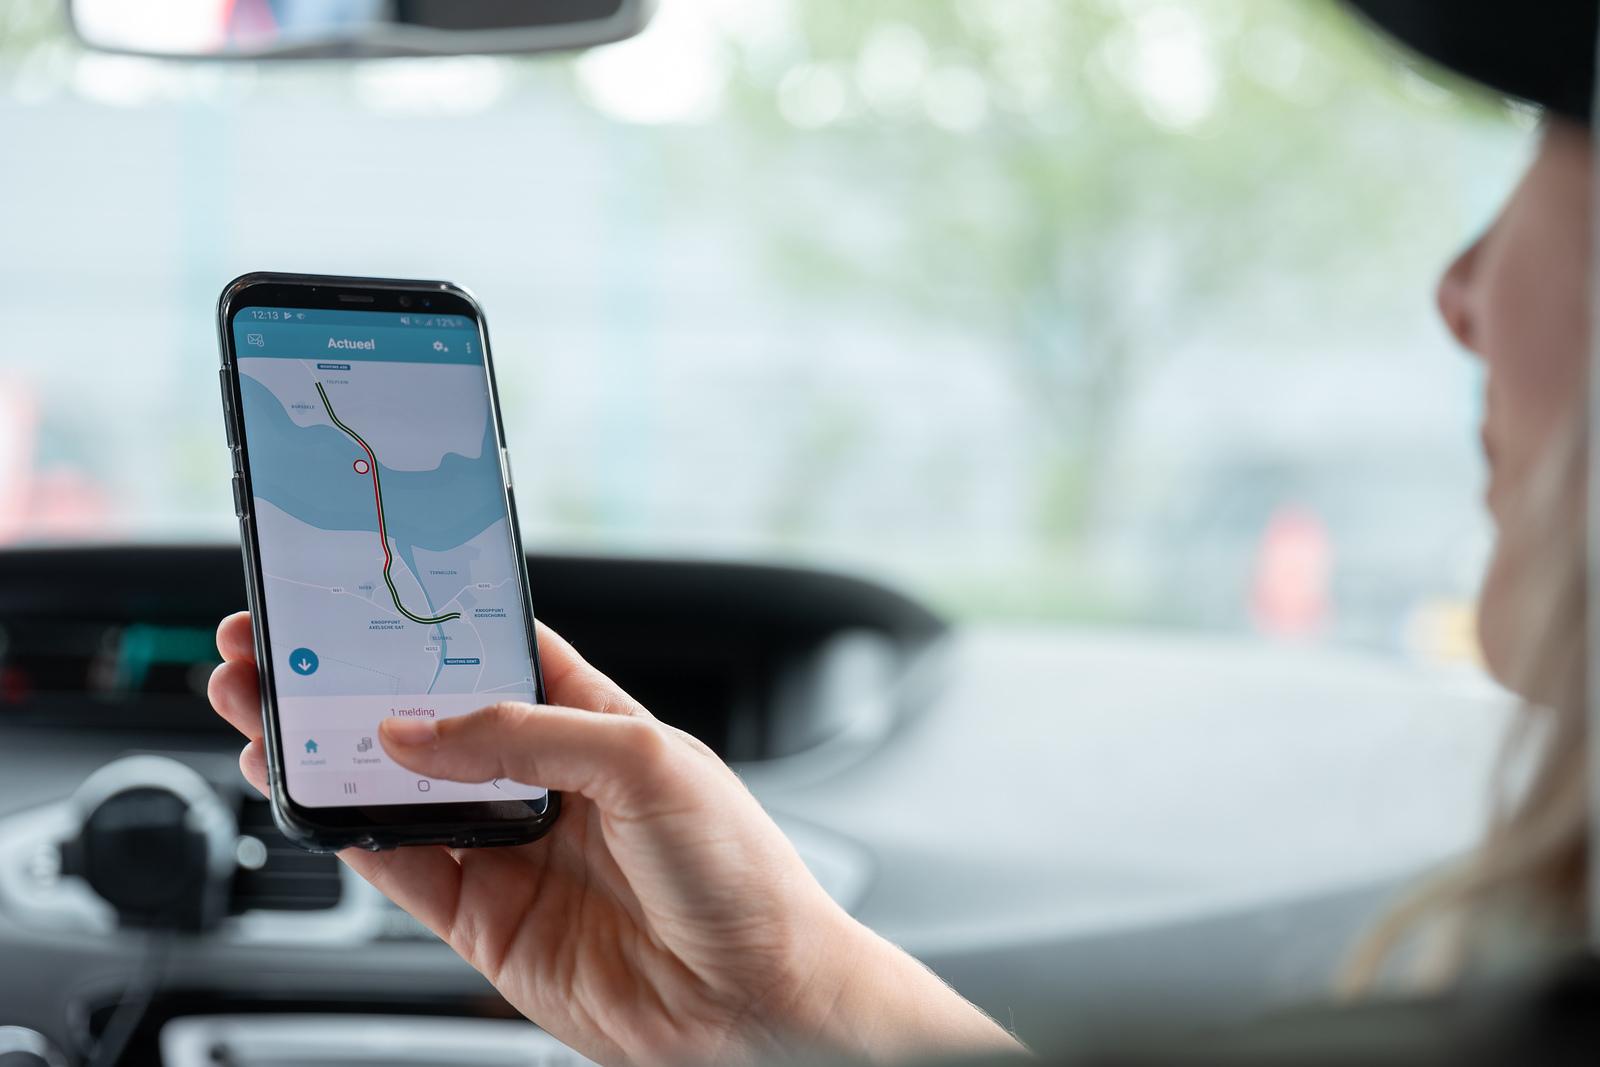 Actuele verkeersinformatie met de app